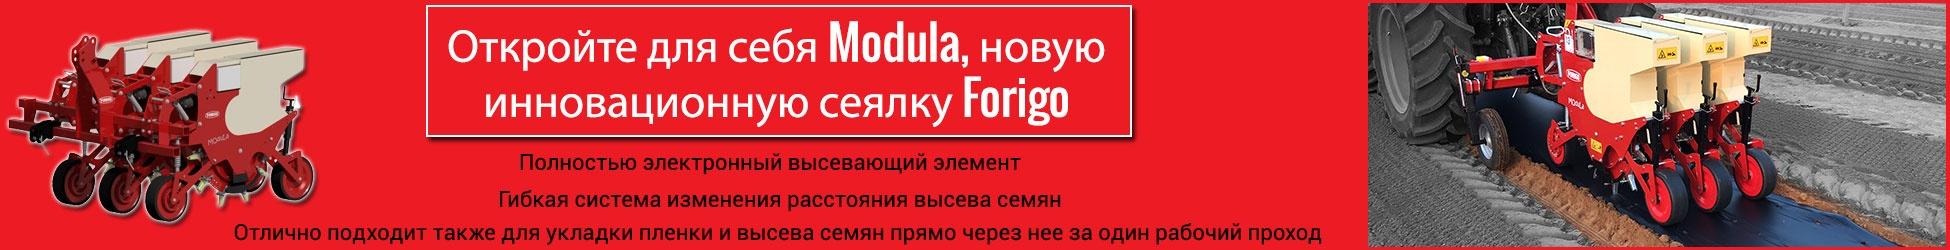 Откройте для себя Modula, новую инновационную сеялку Forigo